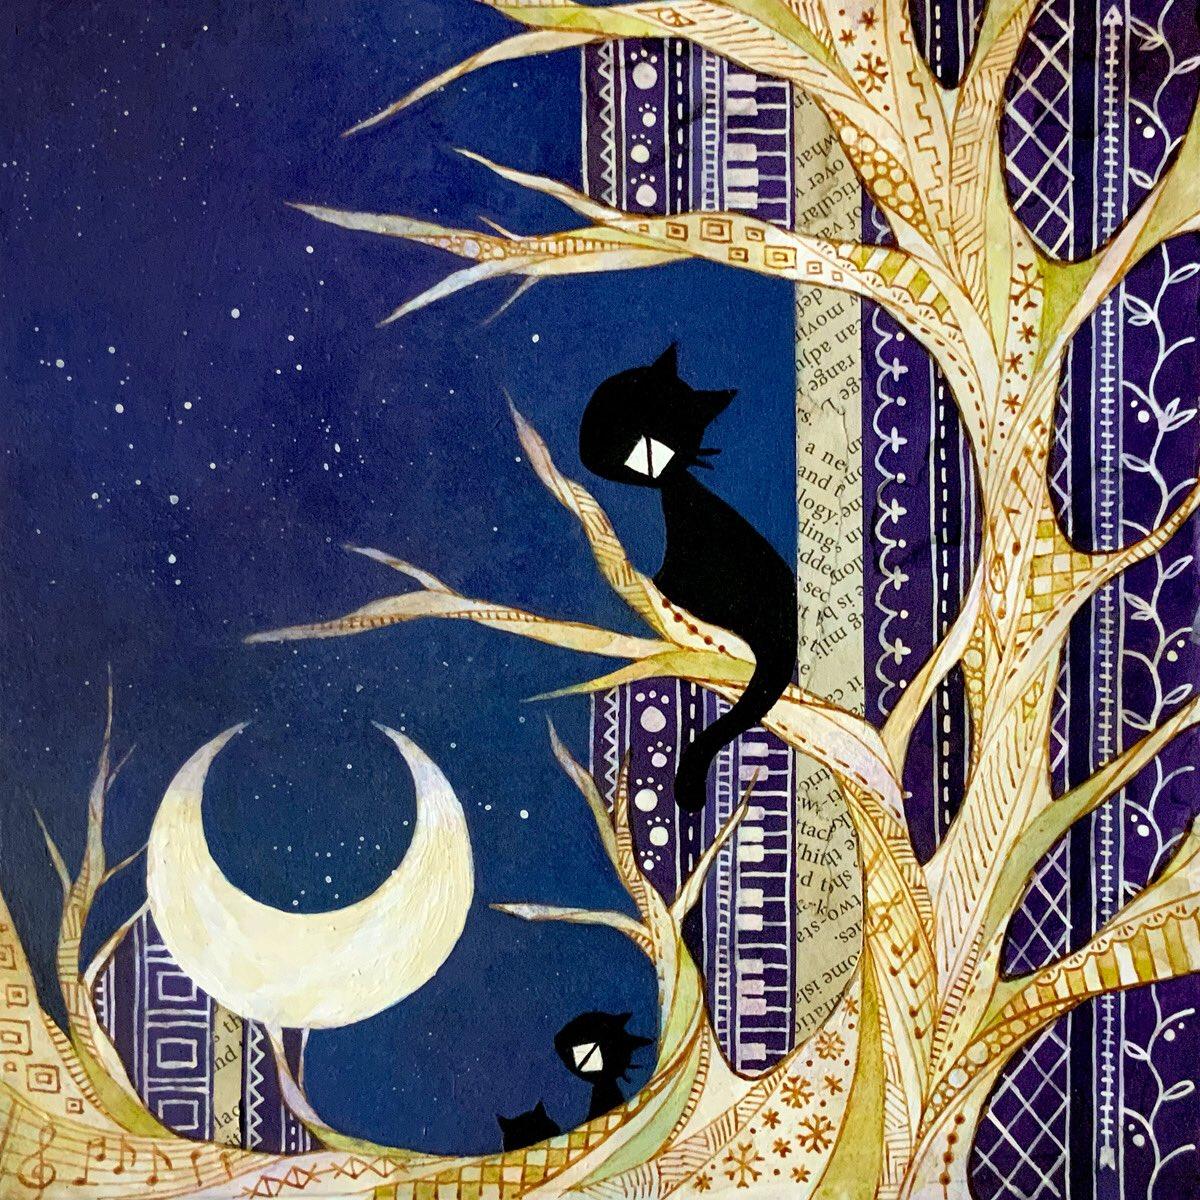 上の対になる絵。 #イラスト #illustration #創作 #cat #猫 #月 #moon #夜 #night